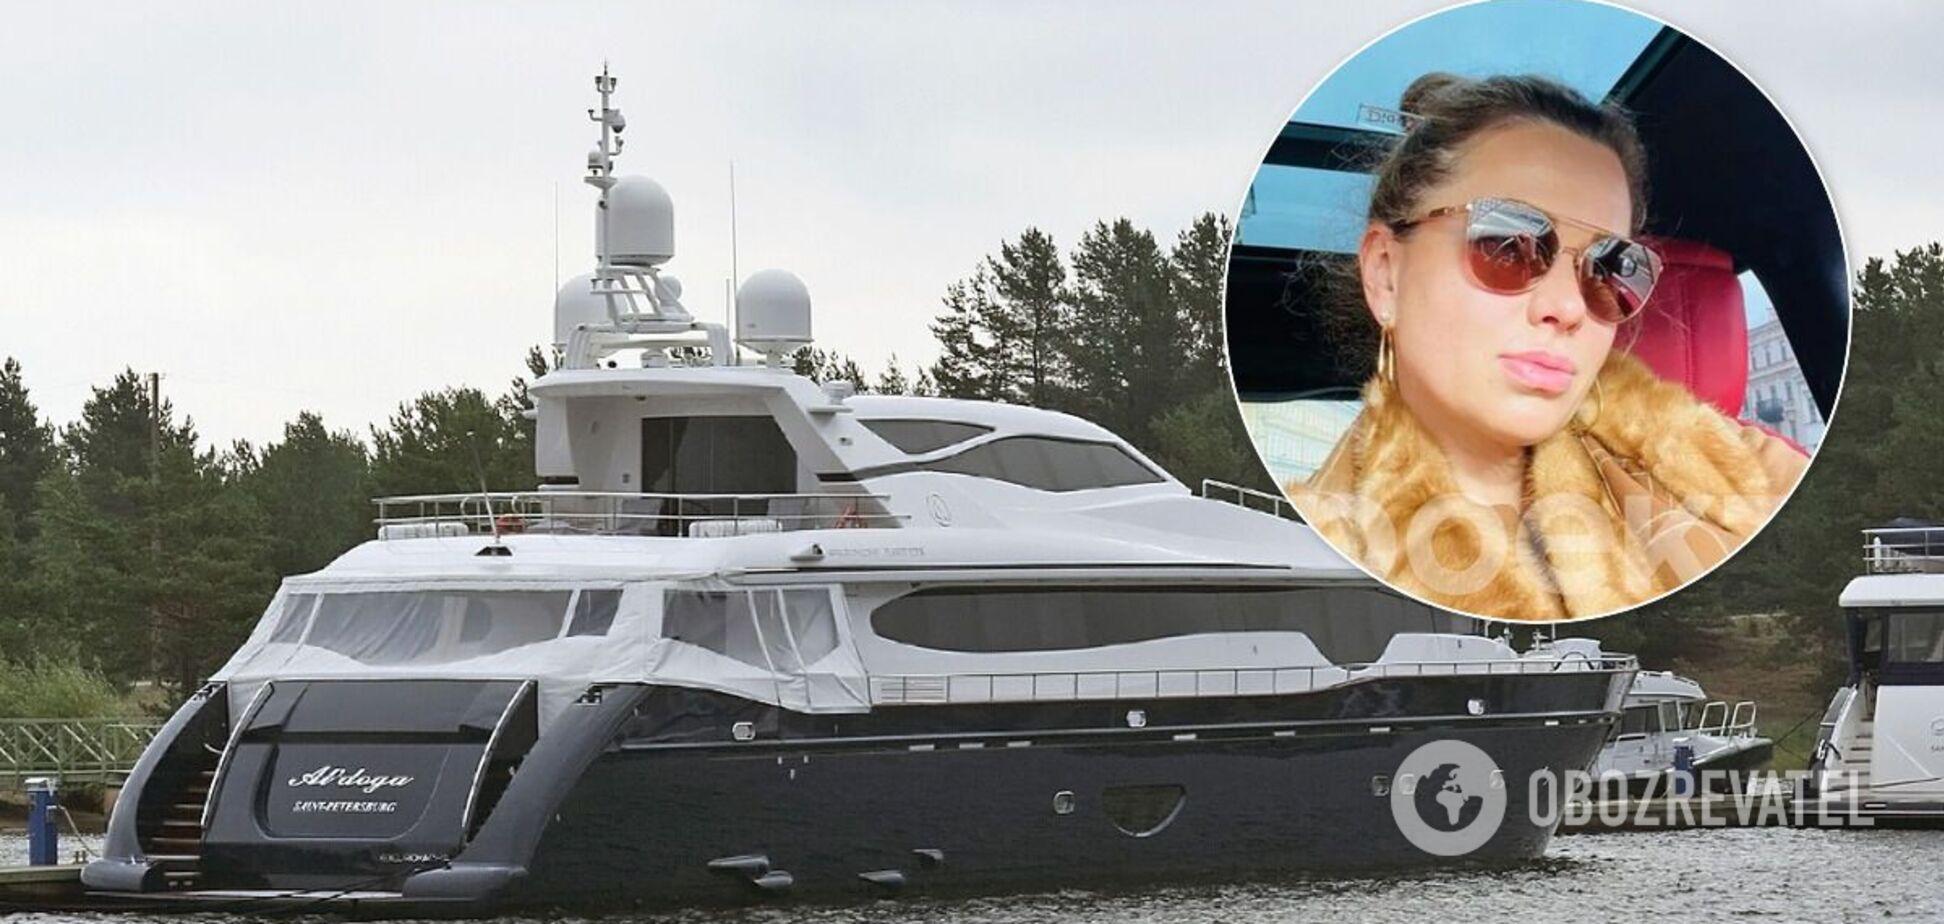 Світлана Кривоногих плаває на елітній яхті 'Альдога'